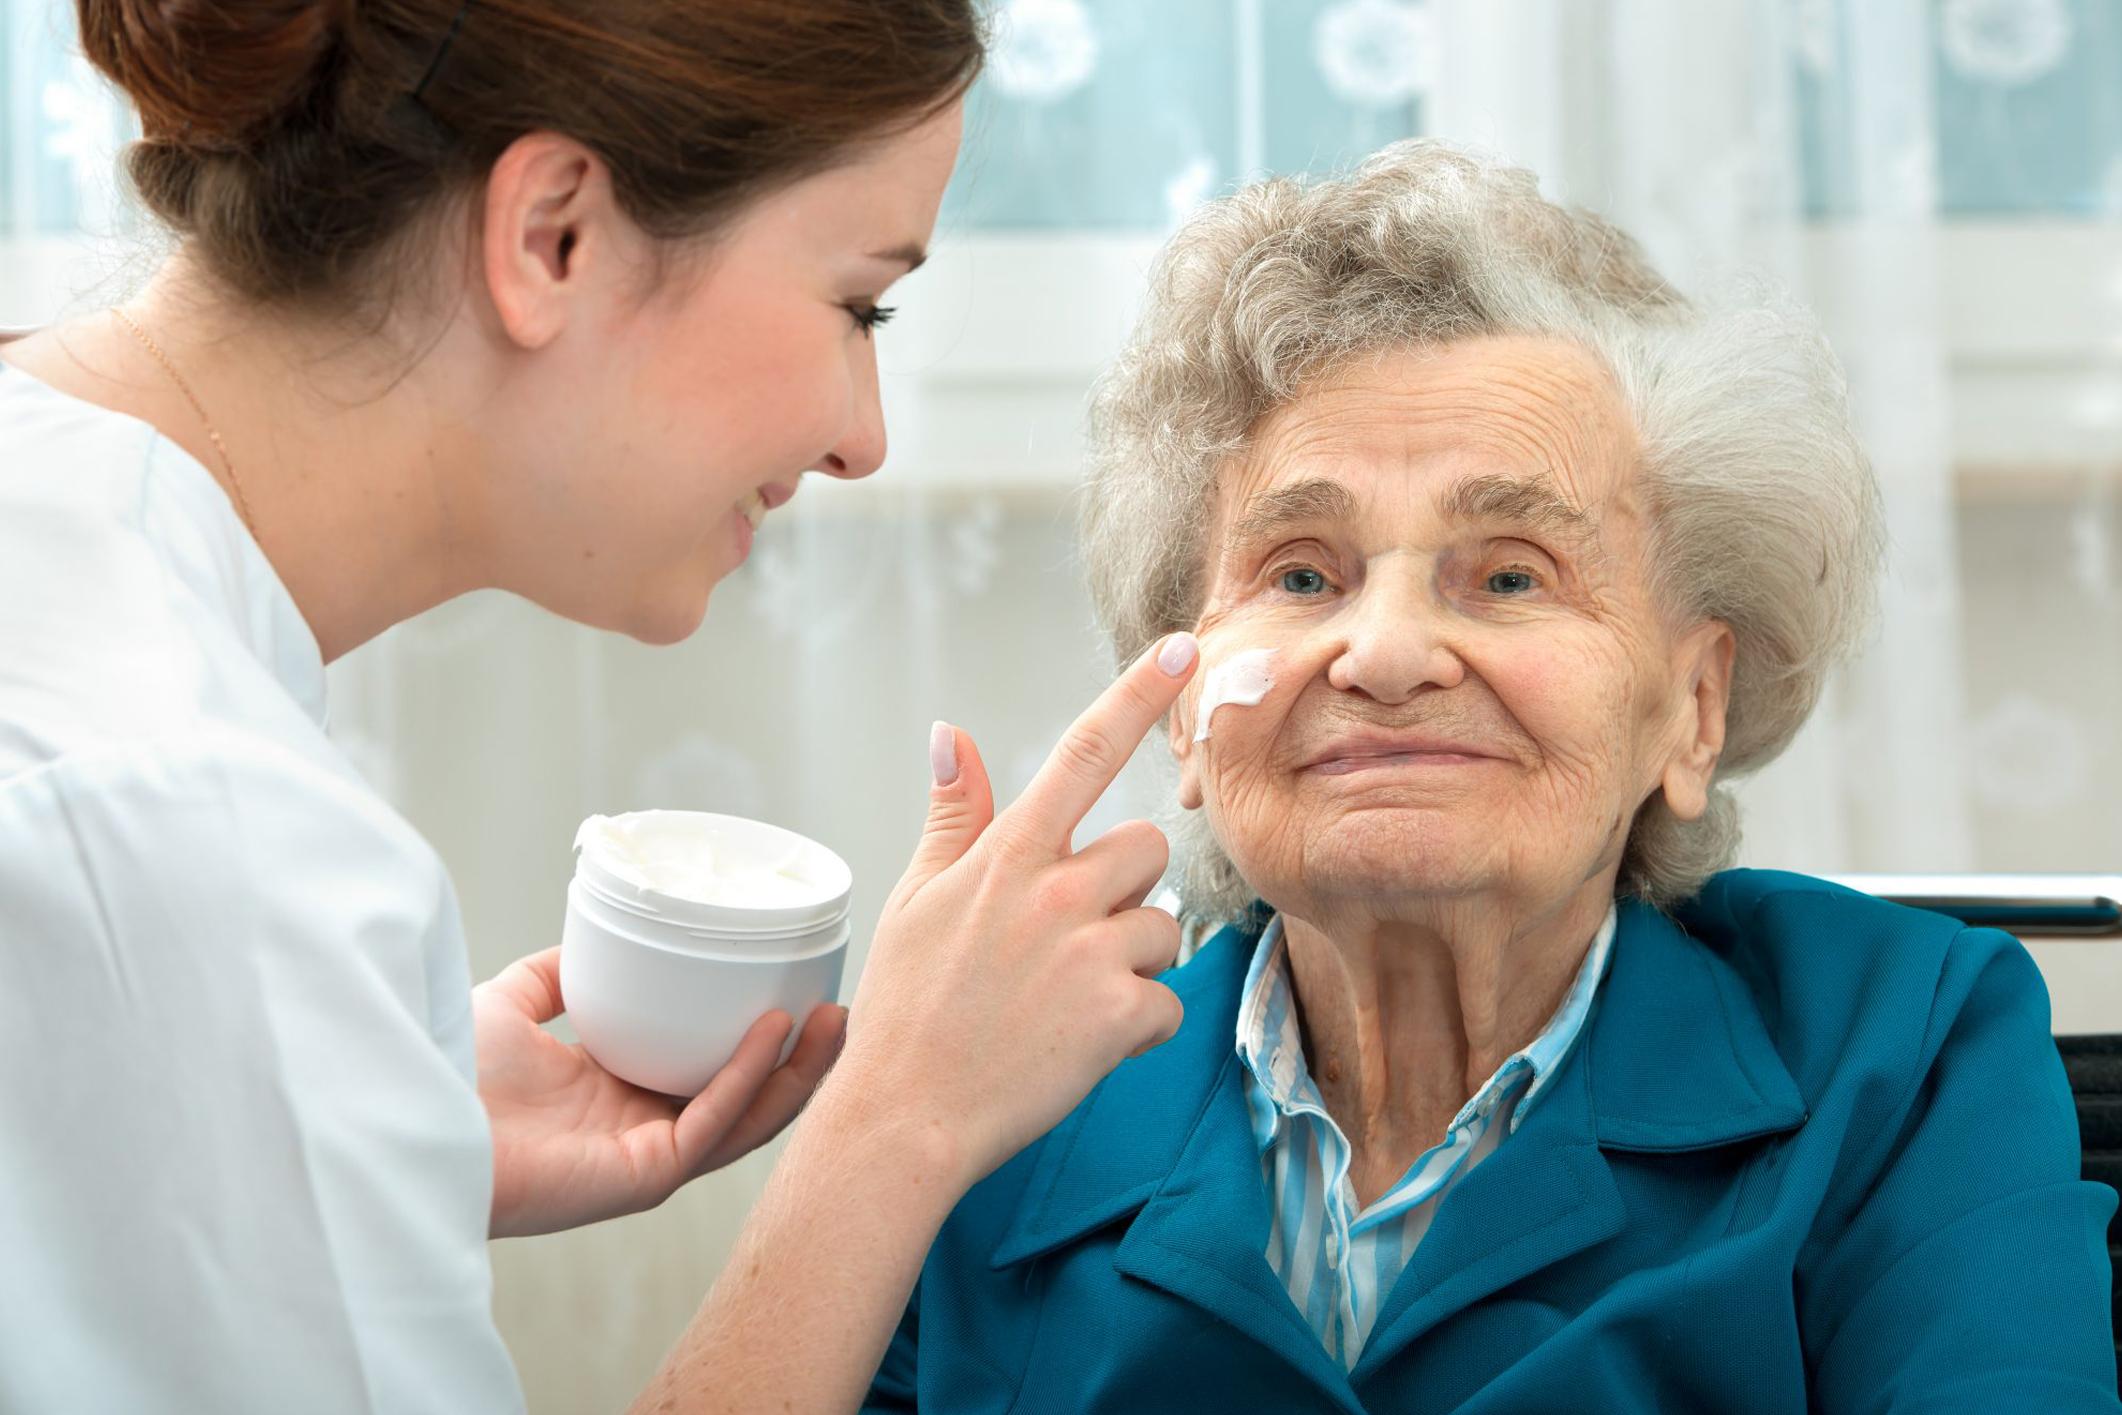 پرستار سالمنددر منزل